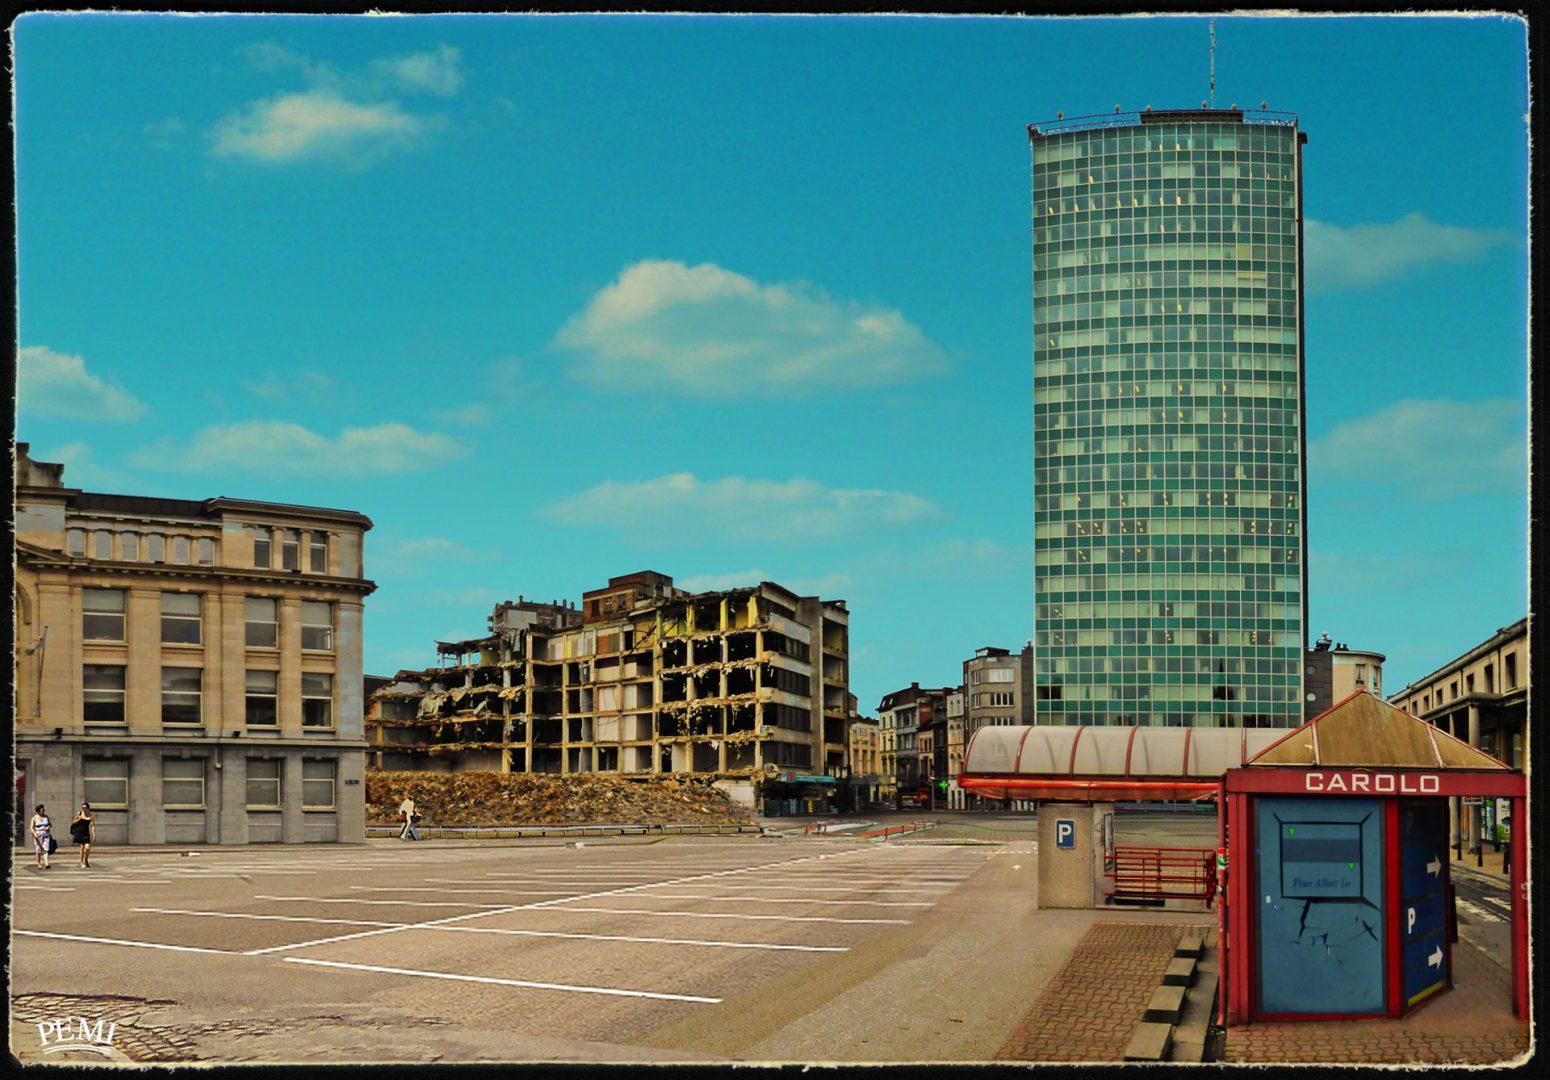 Charleroi003-1550x1080.jpg